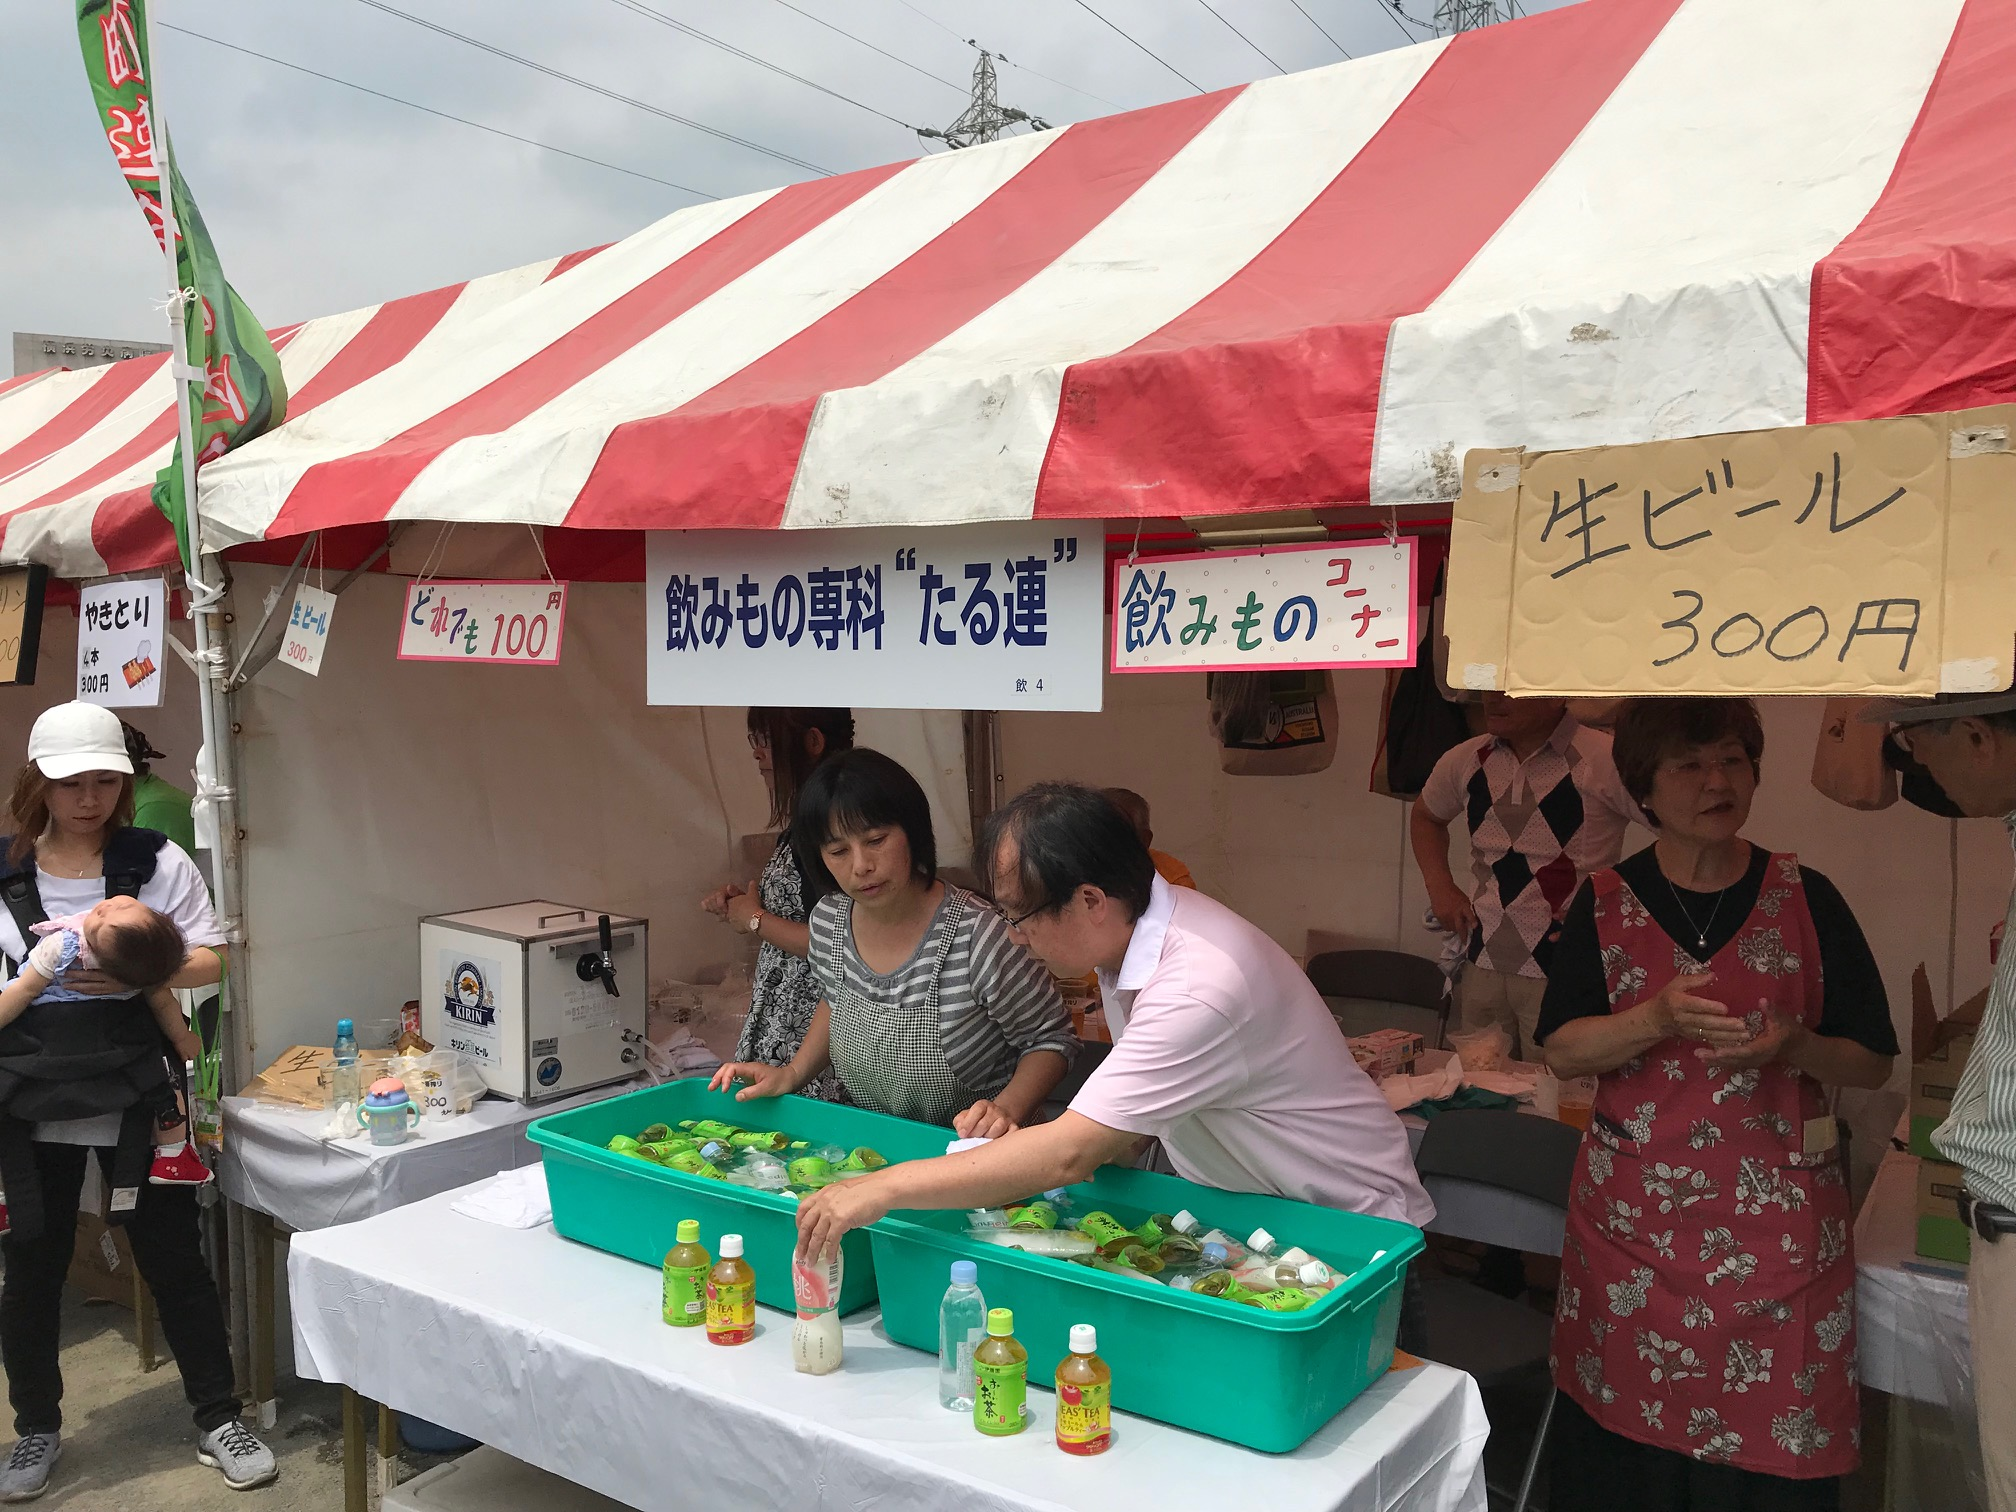 樽町ブース開店 午後からの暑さで生ビール完売!